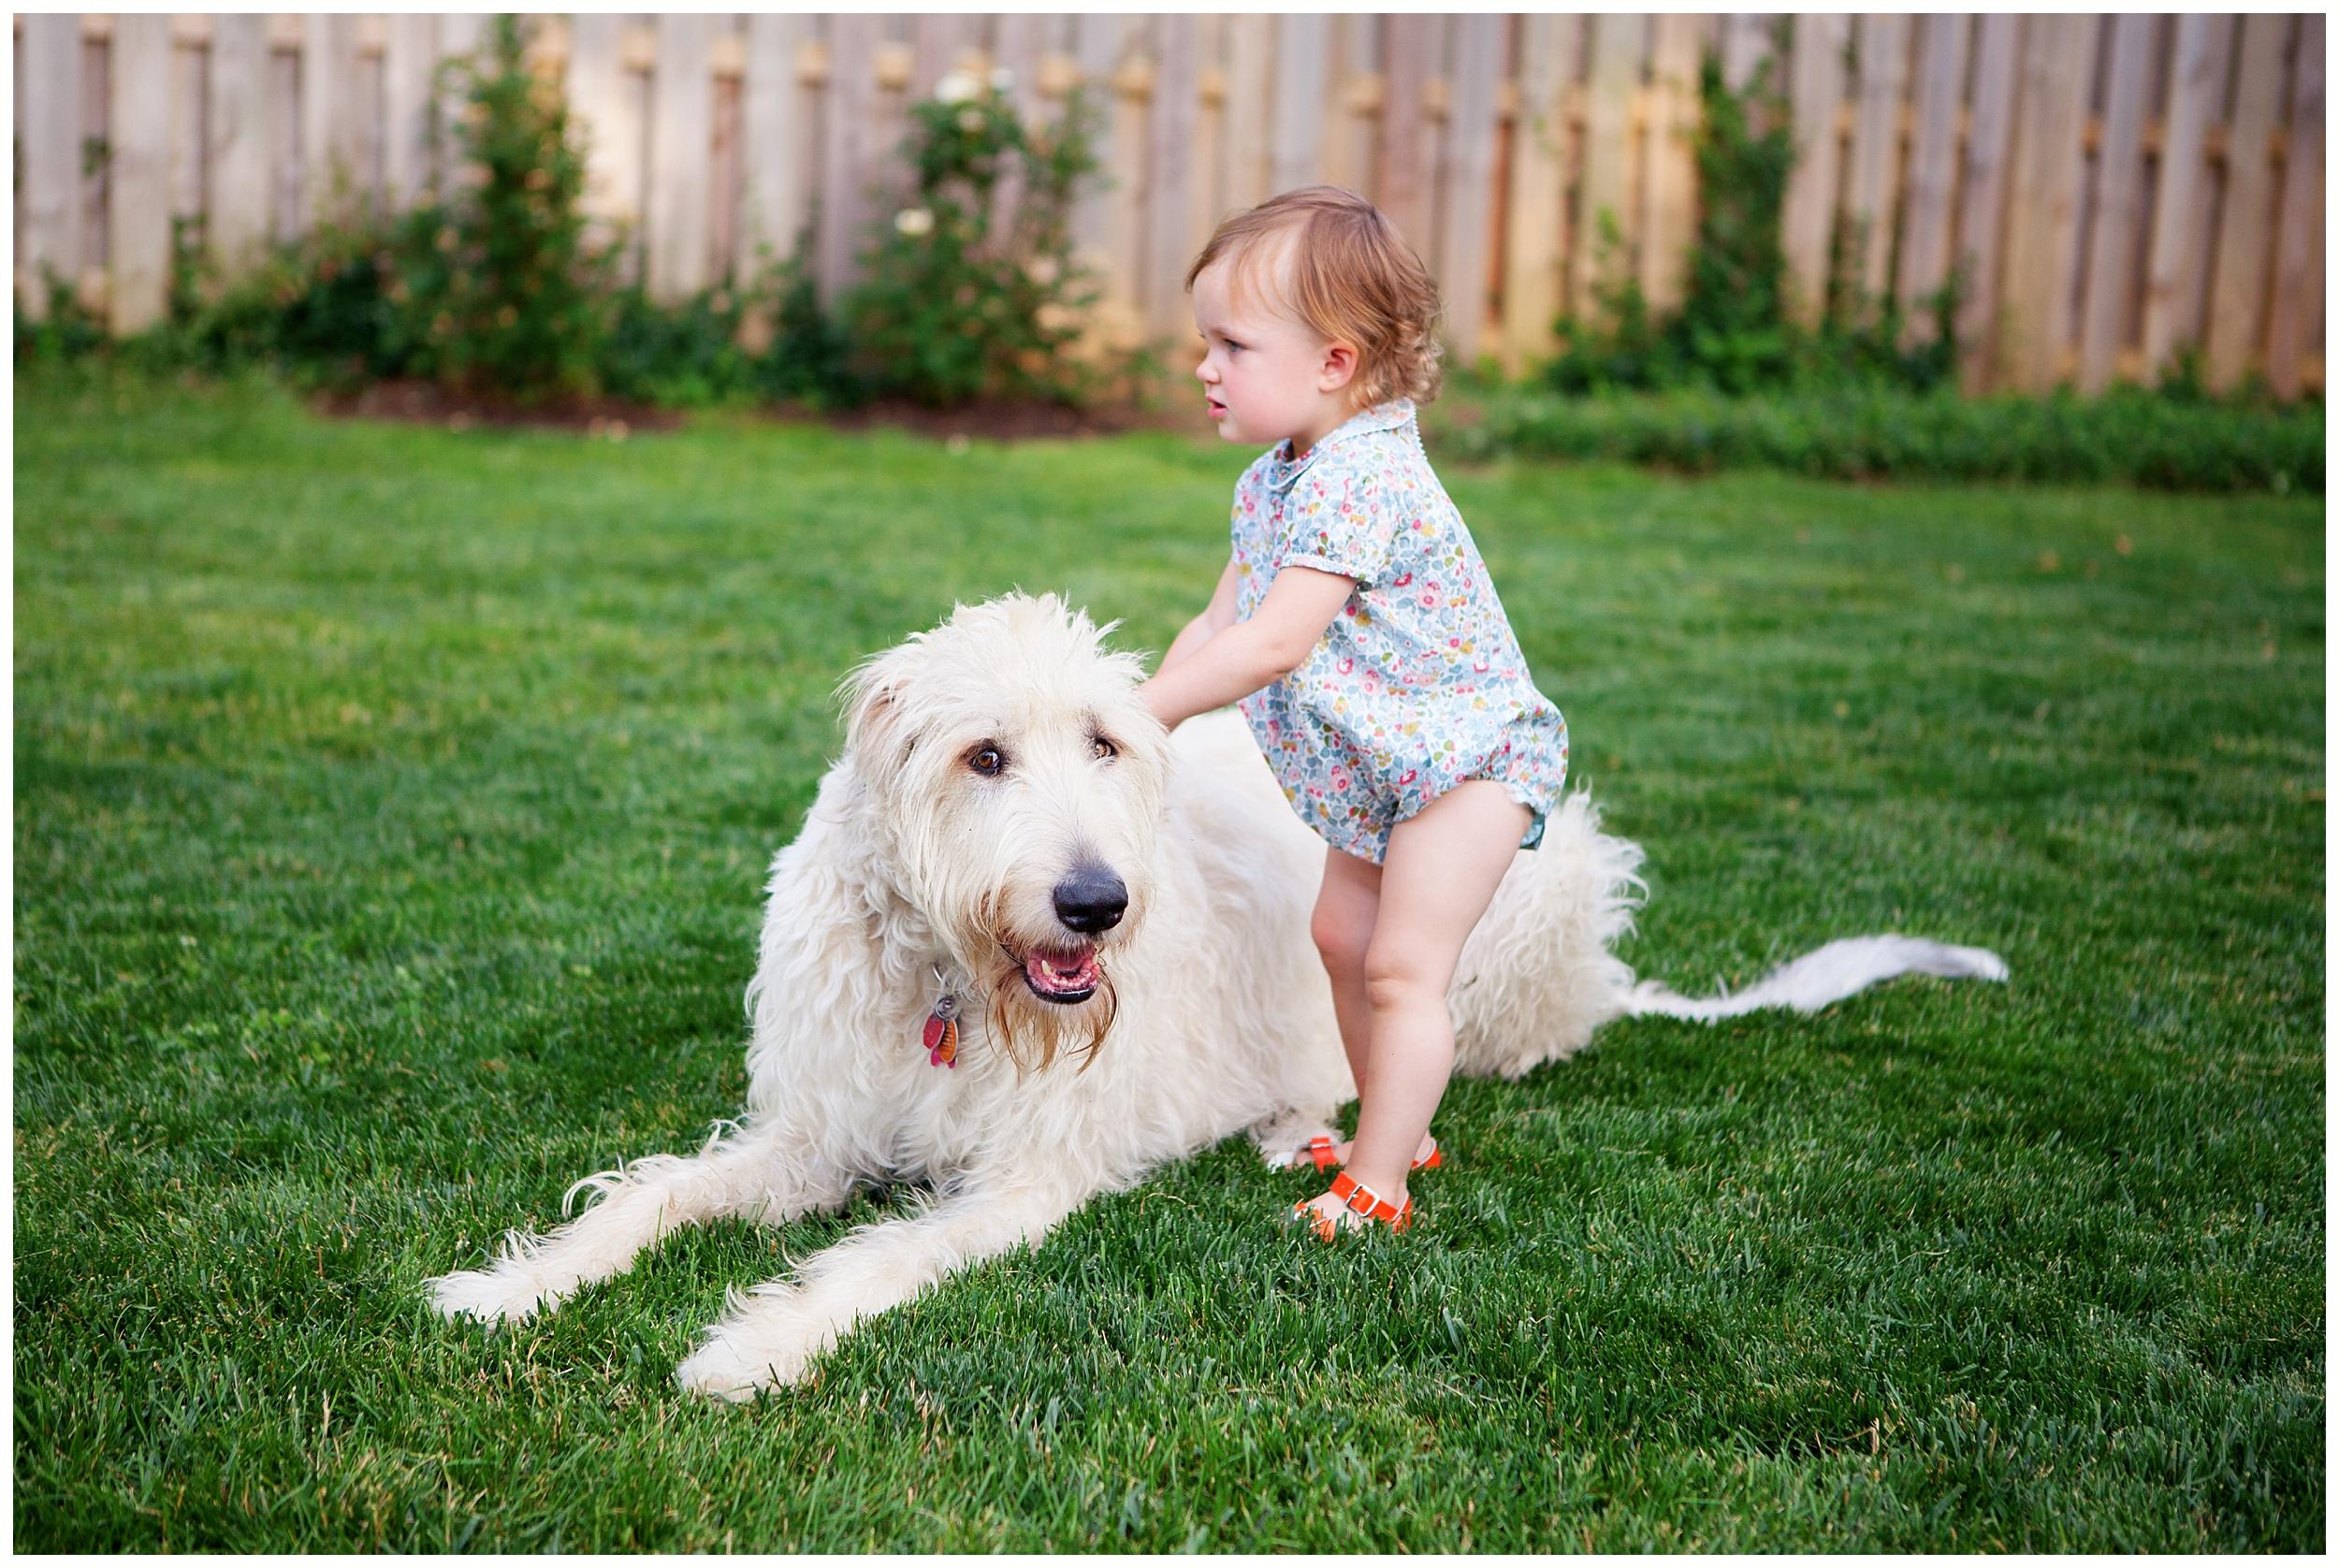 lexington-ky-family-lifestyle-photos-by-priscilla-baierlein_0017.jpg